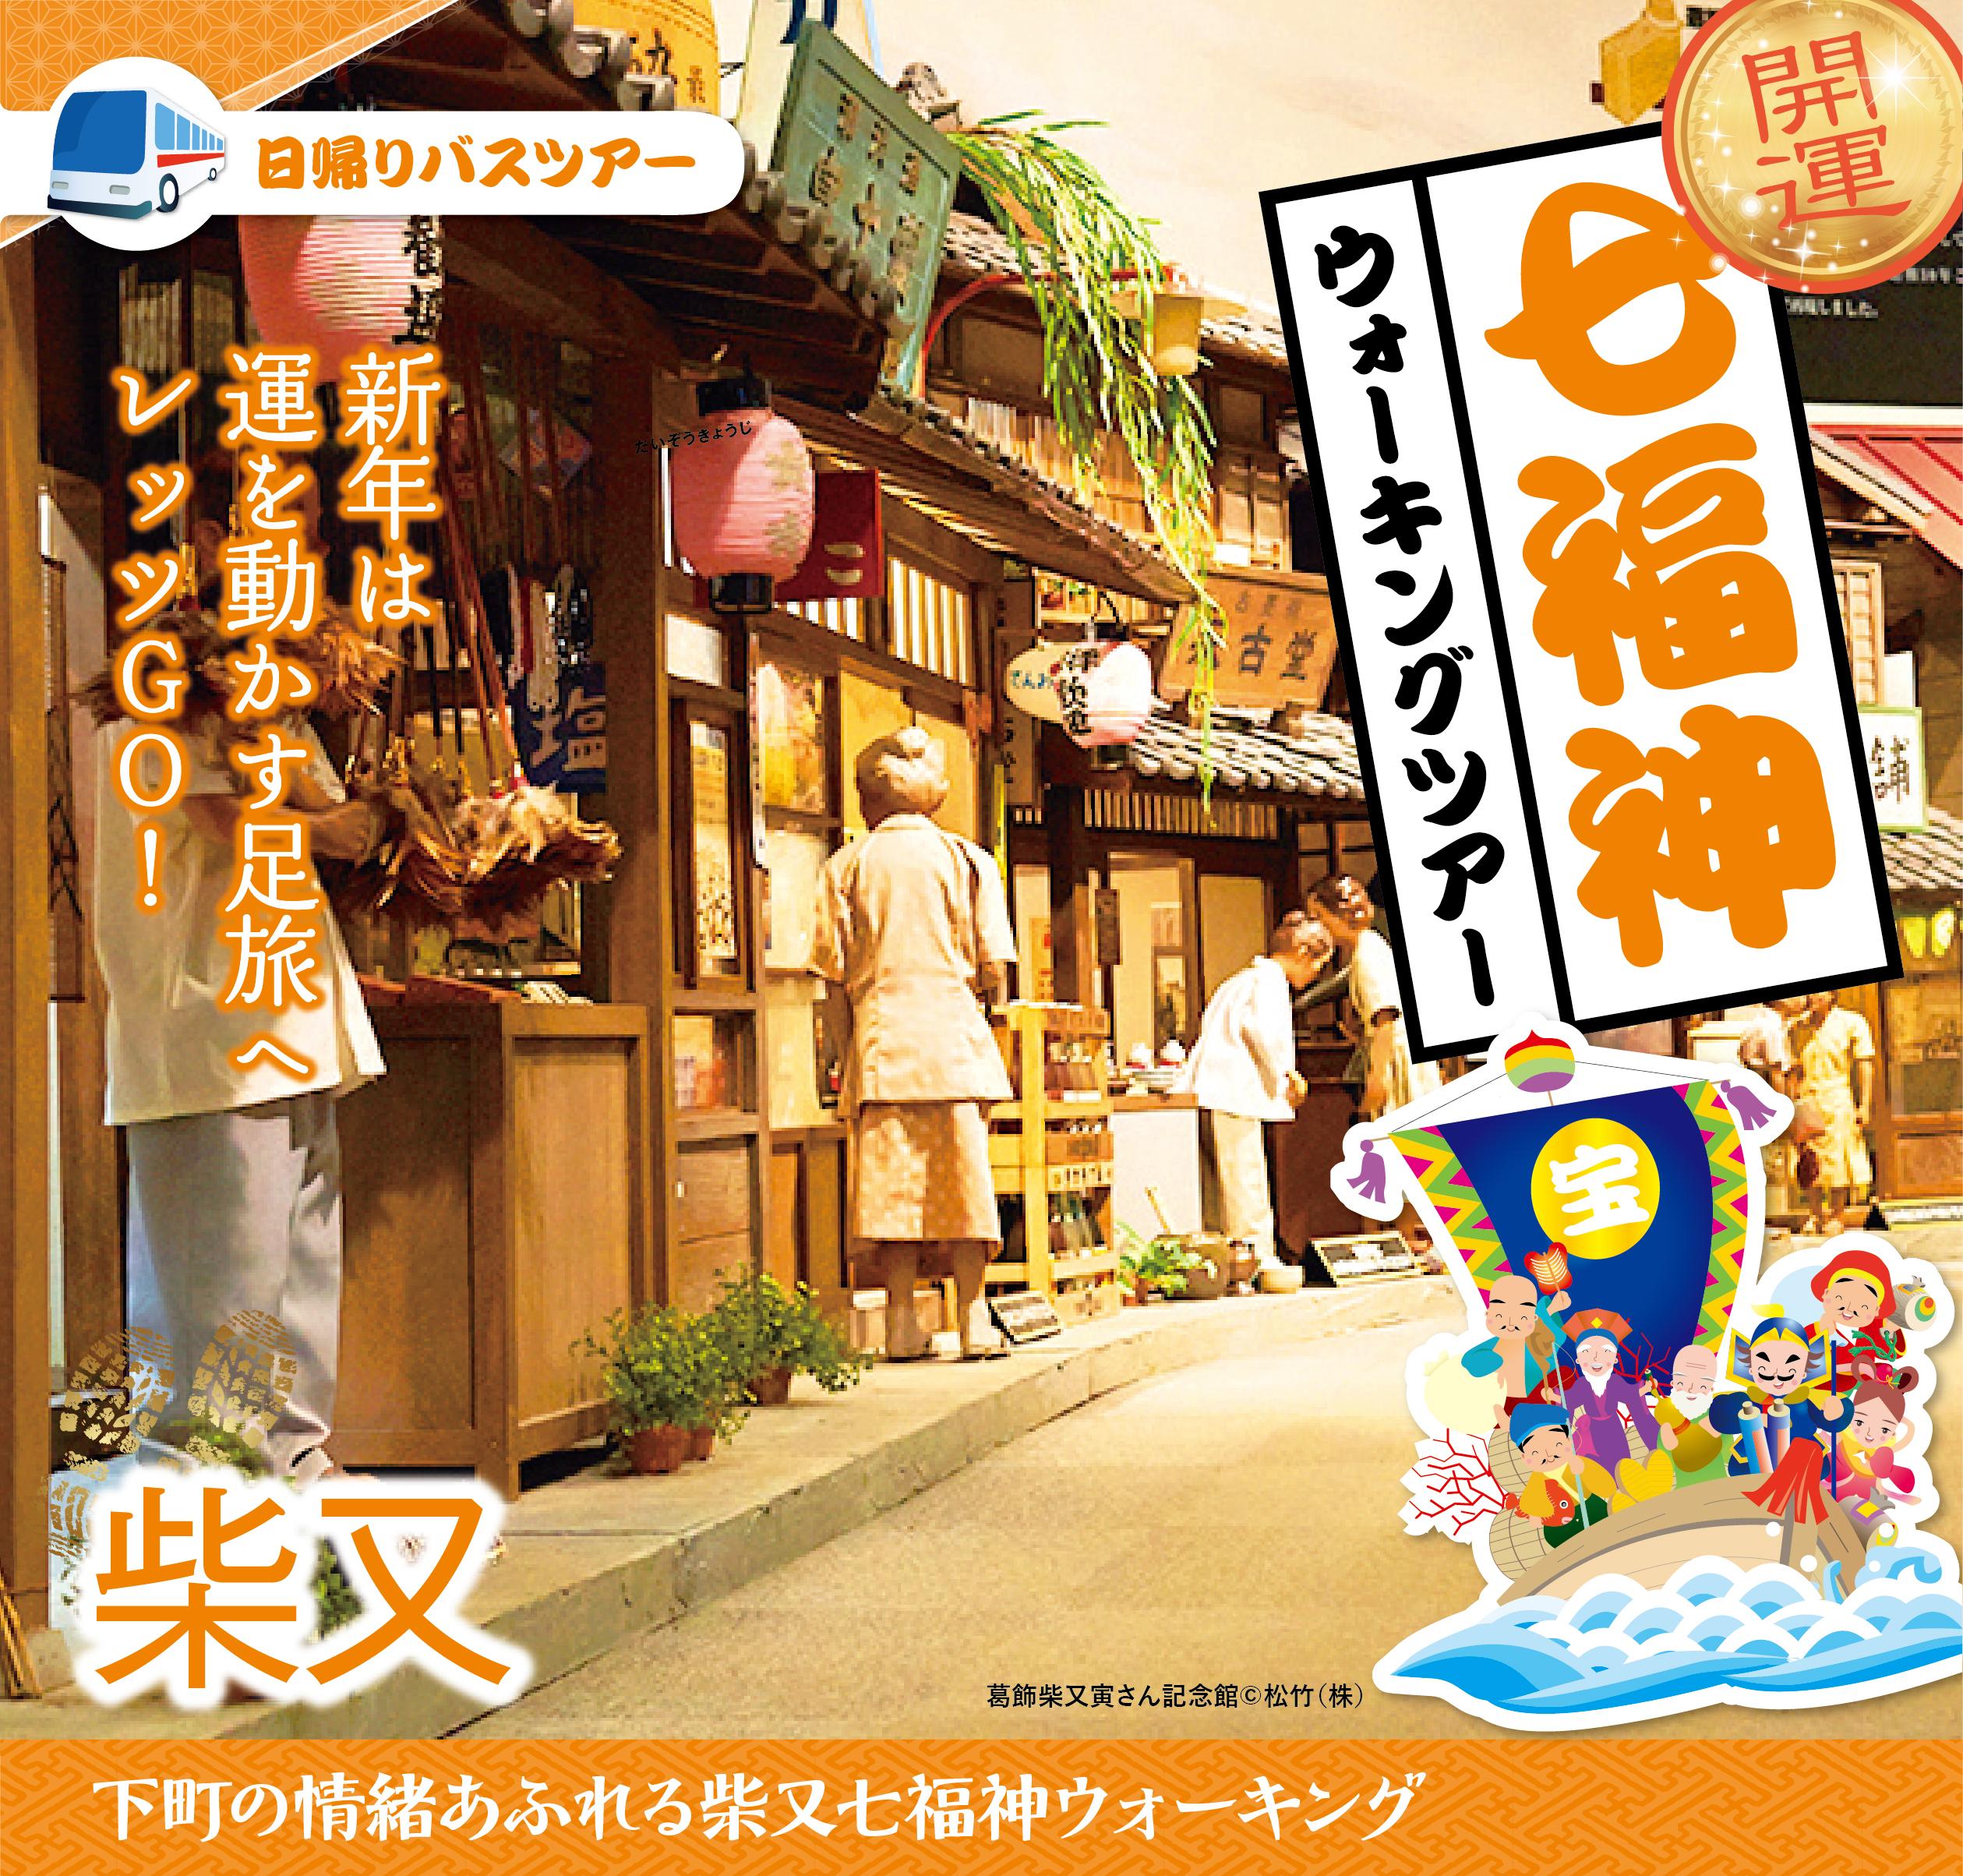 【2020年1月】柴又七福神ウォーキングバスツアー